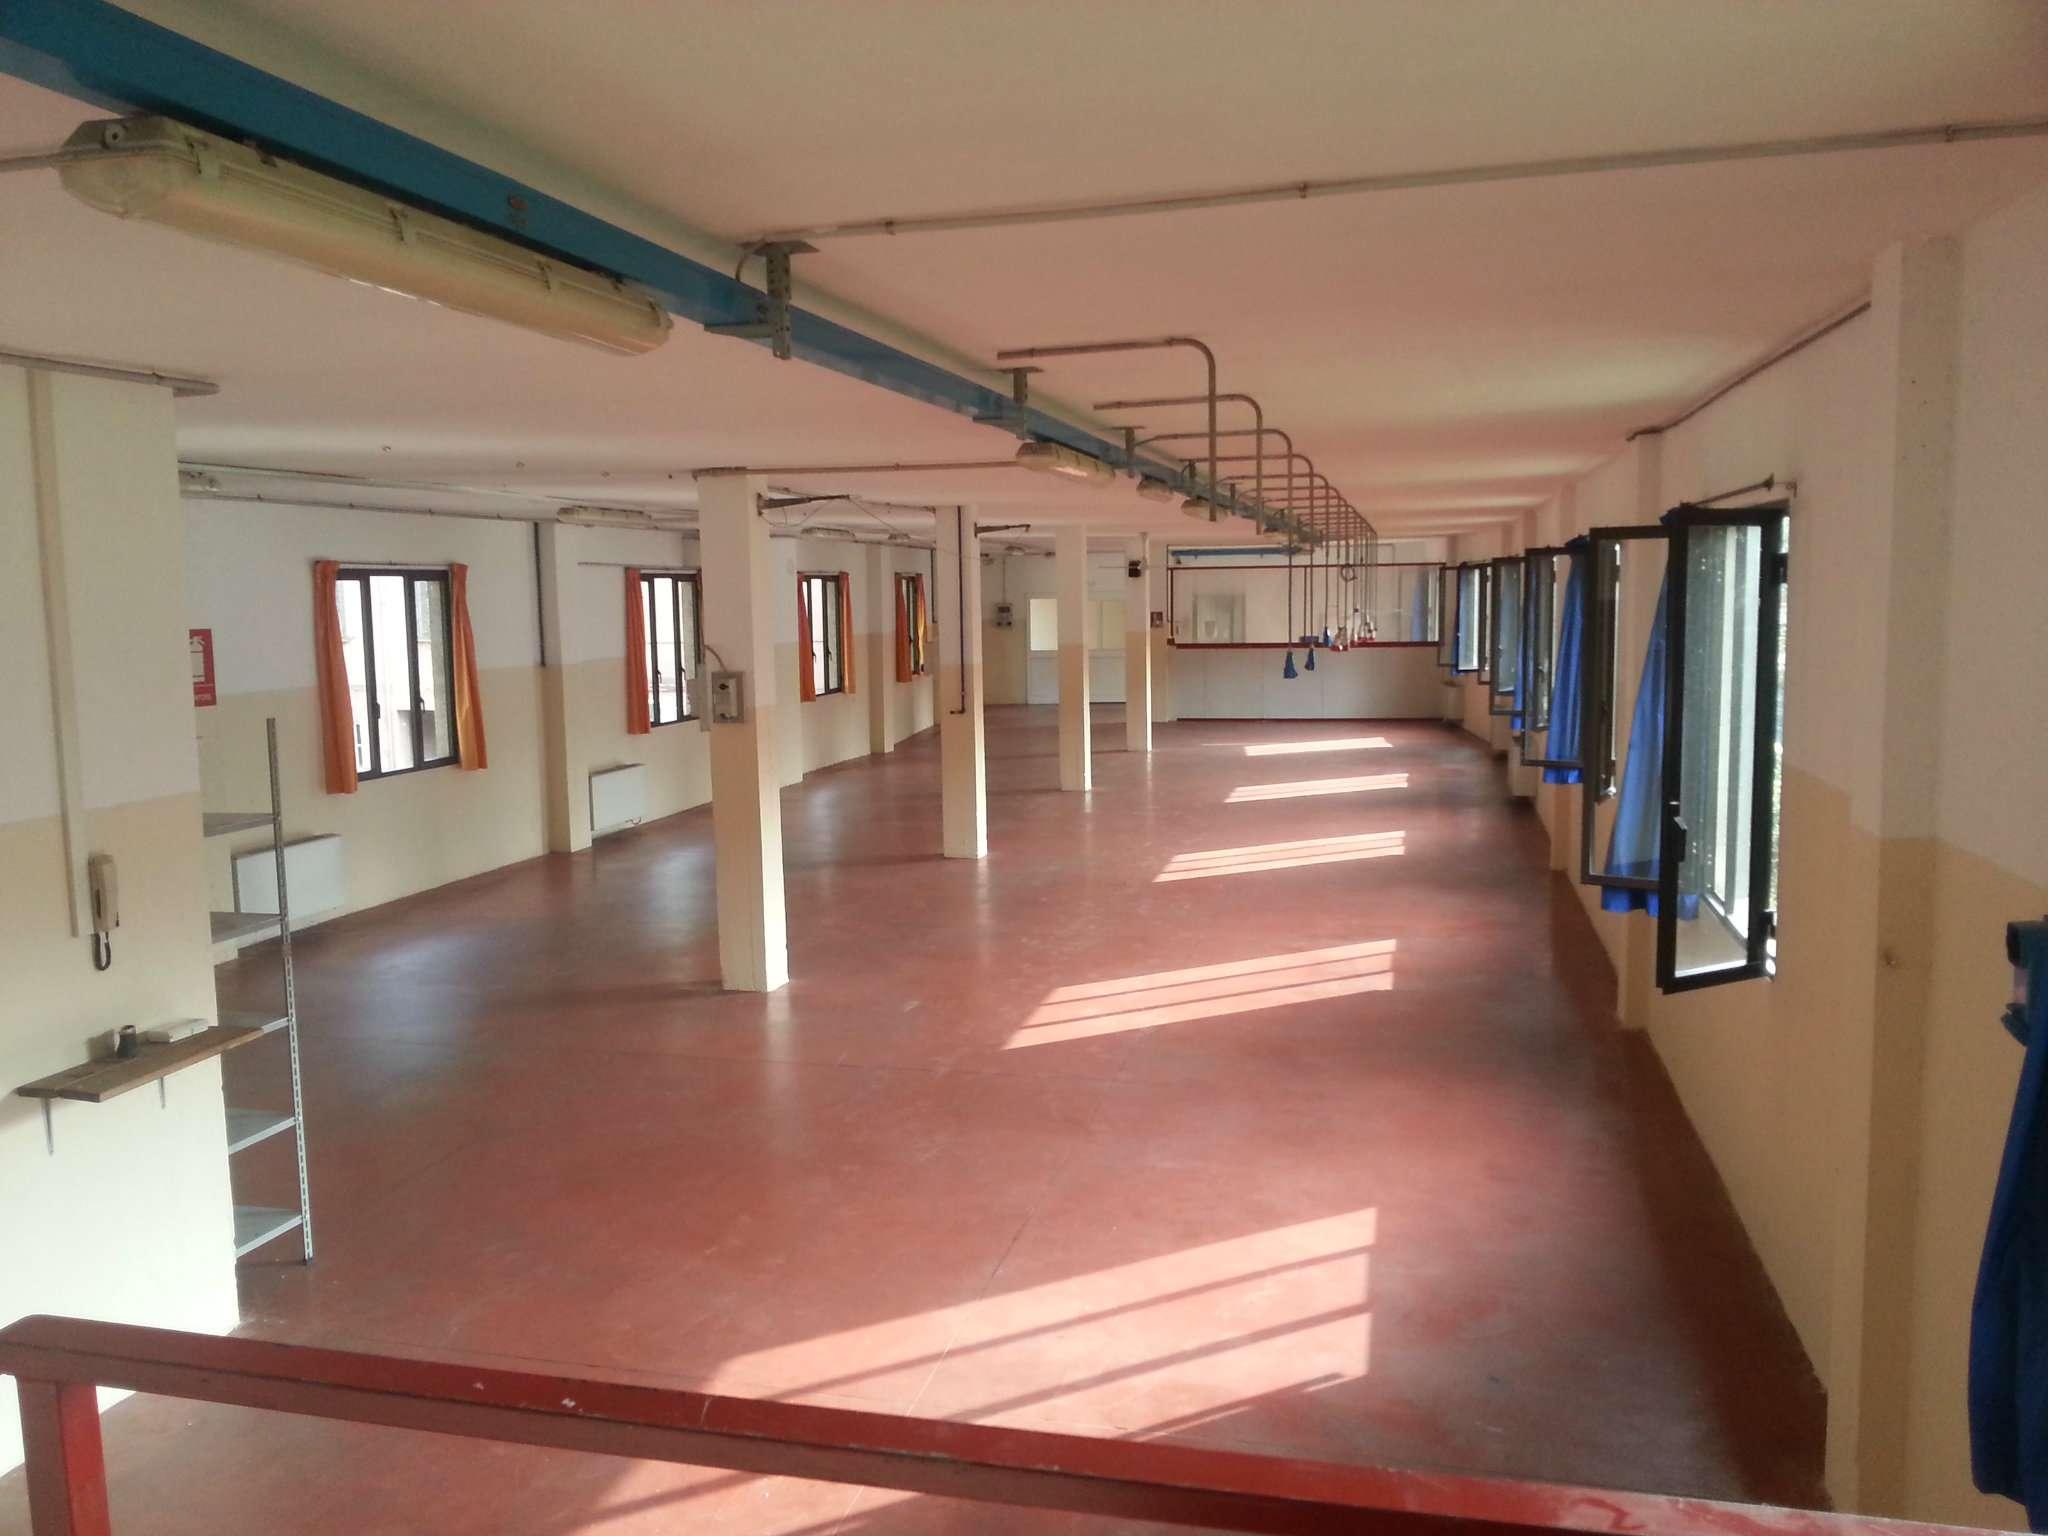 Laboratorio in vendita a Lonate Ceppino, 3 locali, prezzo € 175.000 | CambioCasa.it